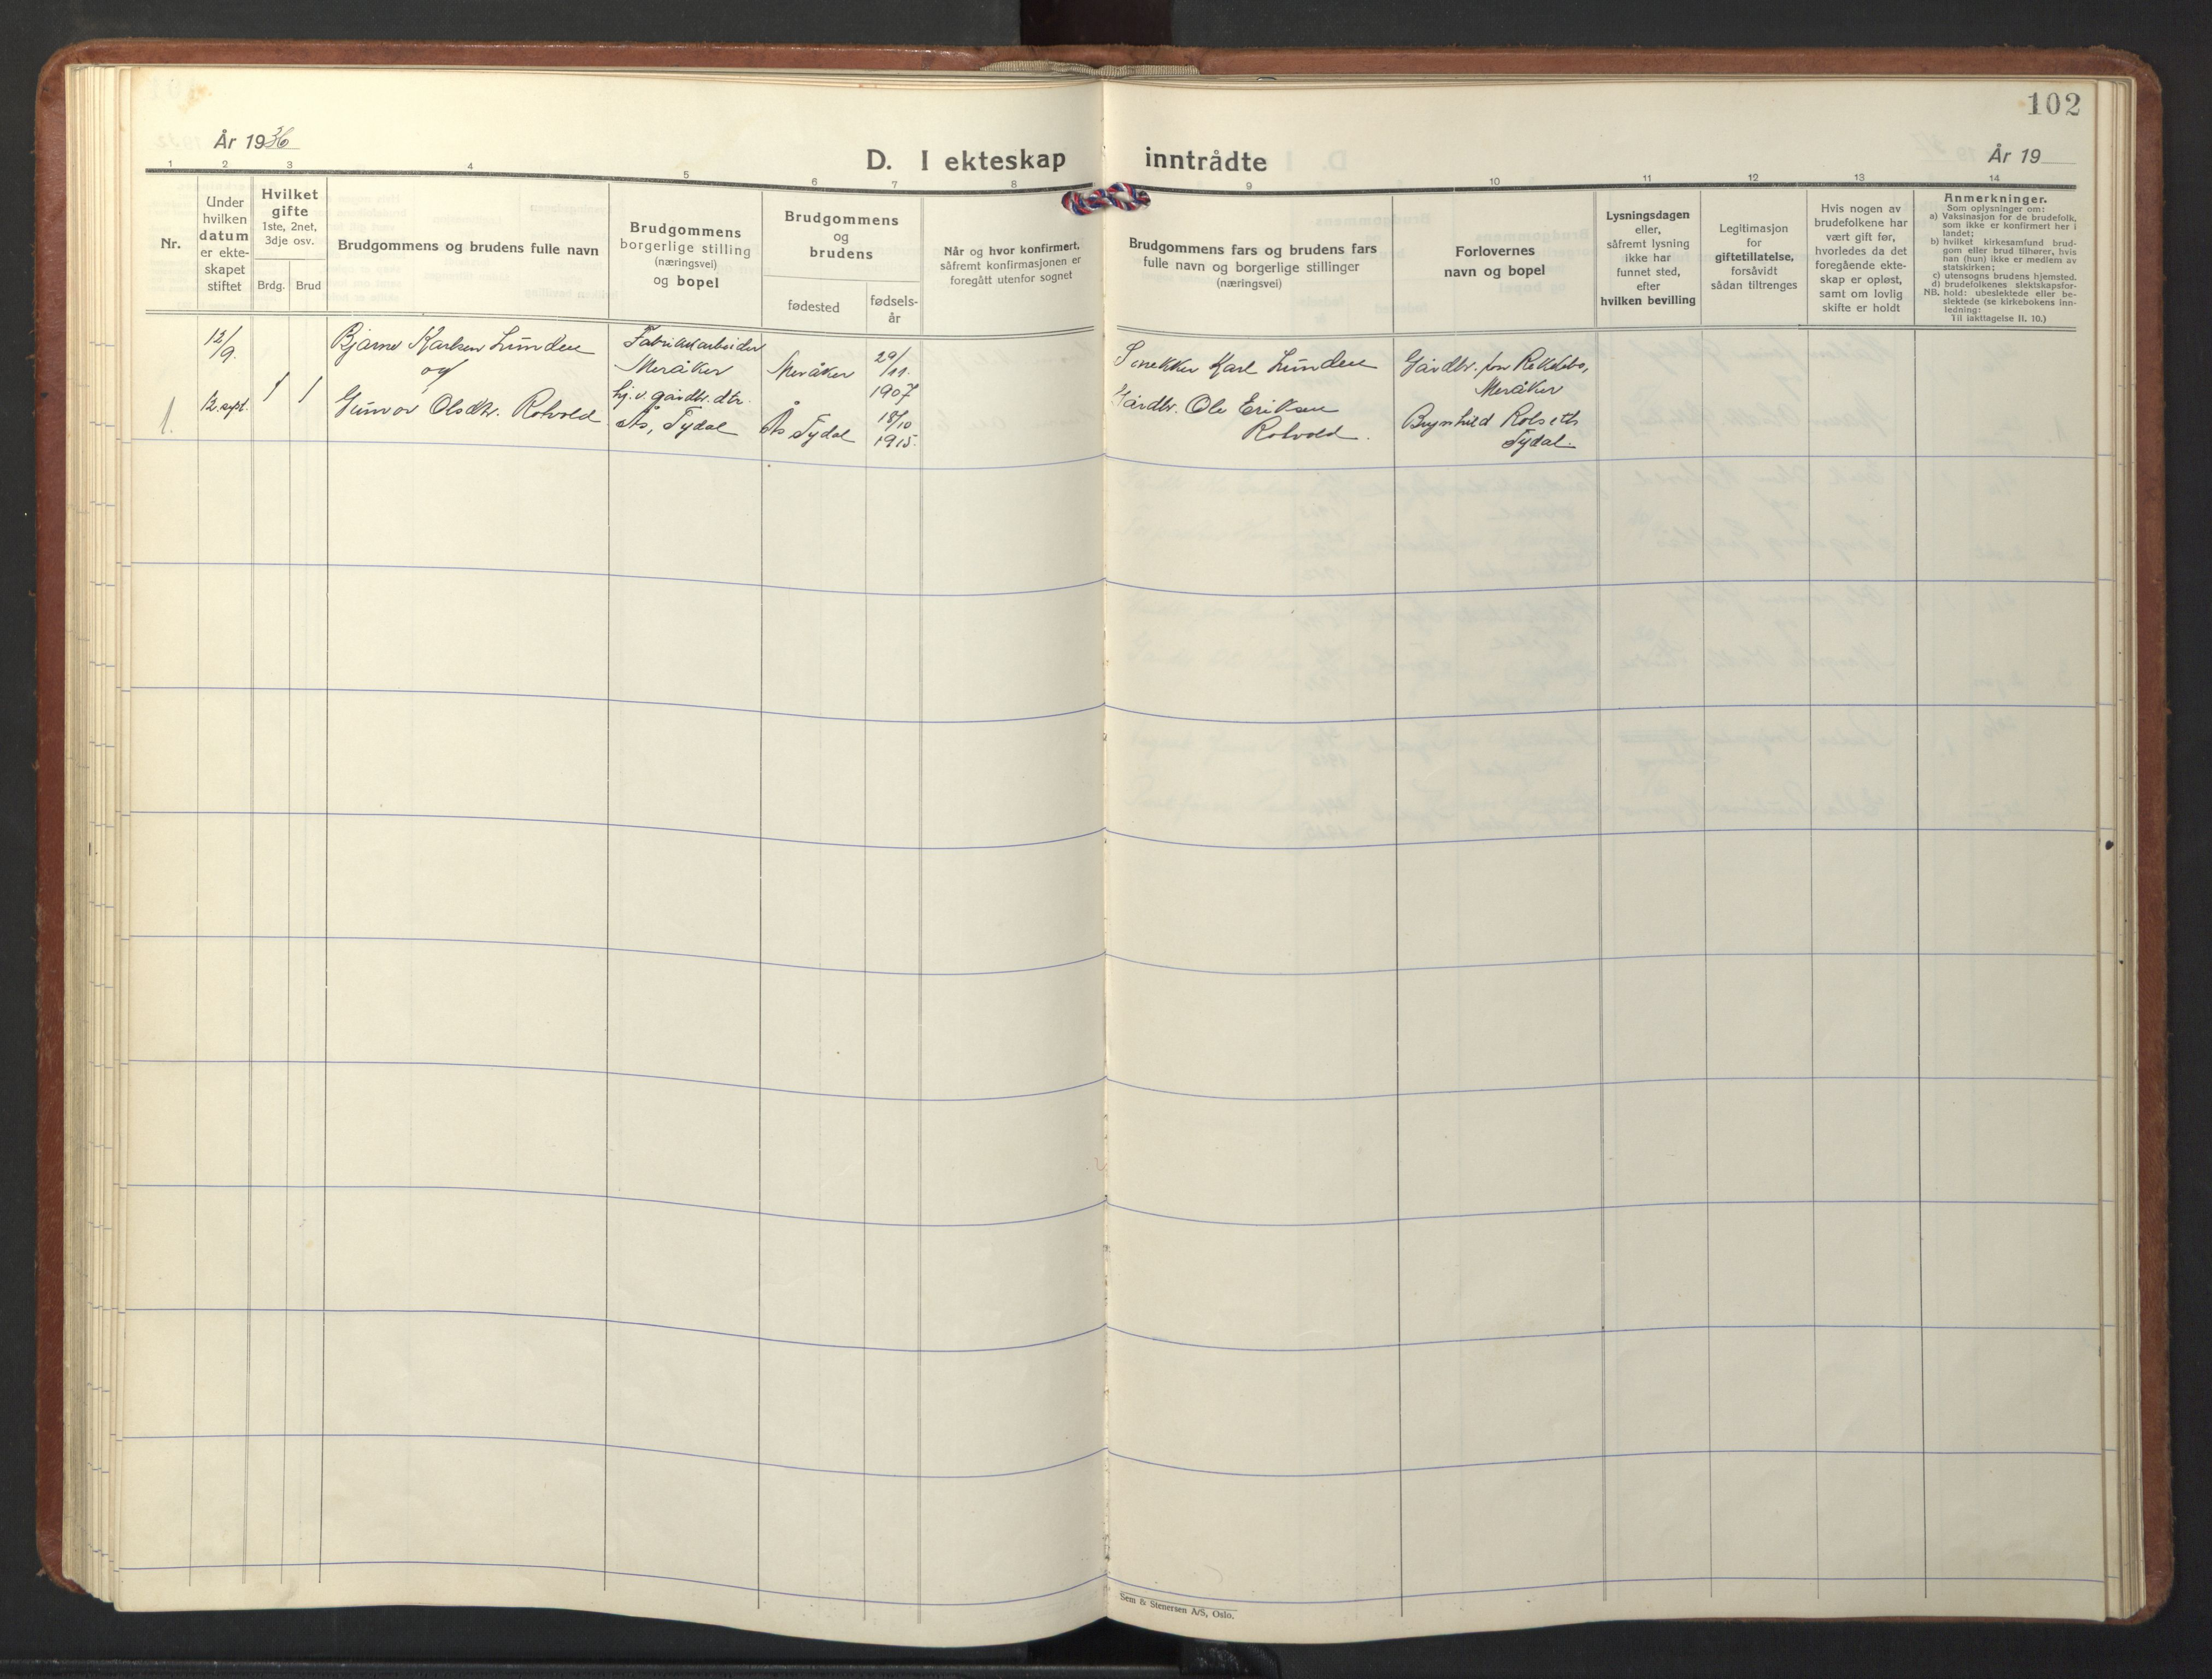 SAT, Ministerialprotokoller, klokkerbøker og fødselsregistre - Sør-Trøndelag, 698/L1169: Klokkerbok nr. 698C06, 1930-1949, s. 102